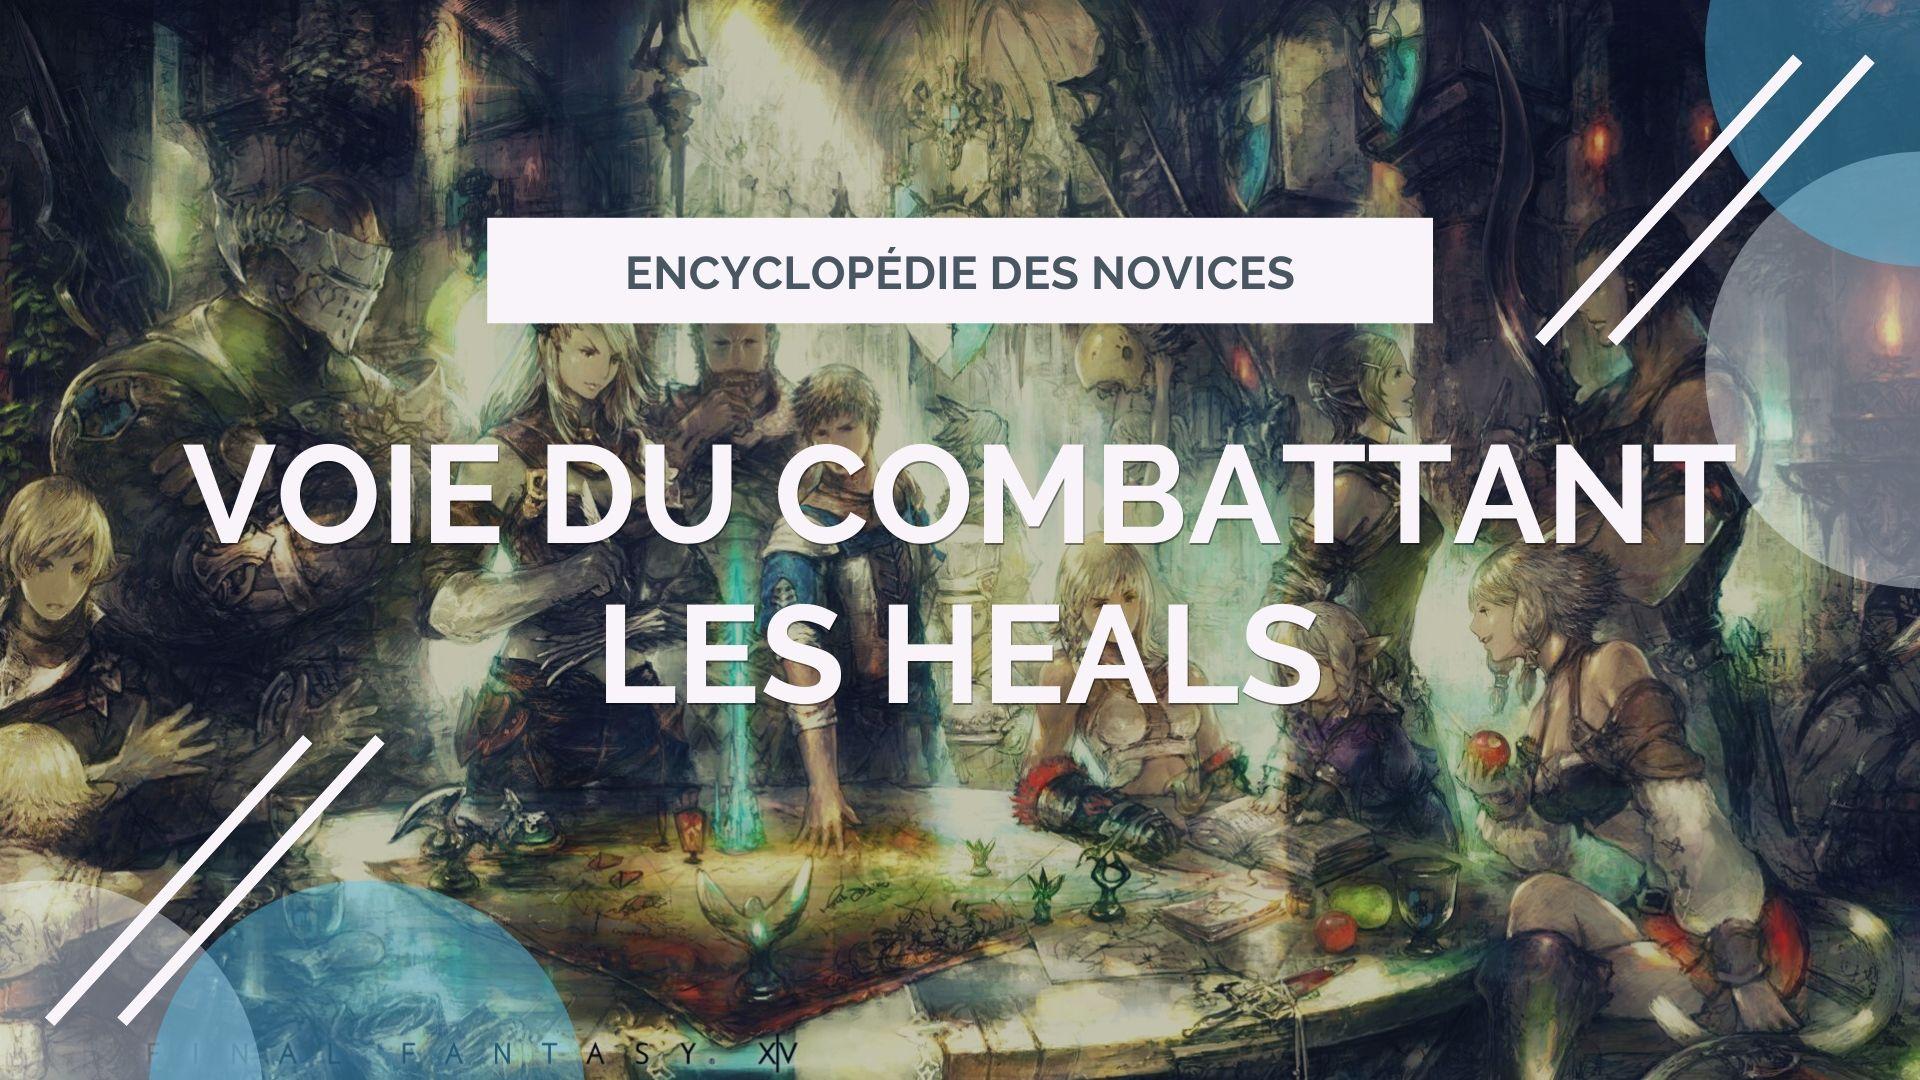 Illustration - Les heals